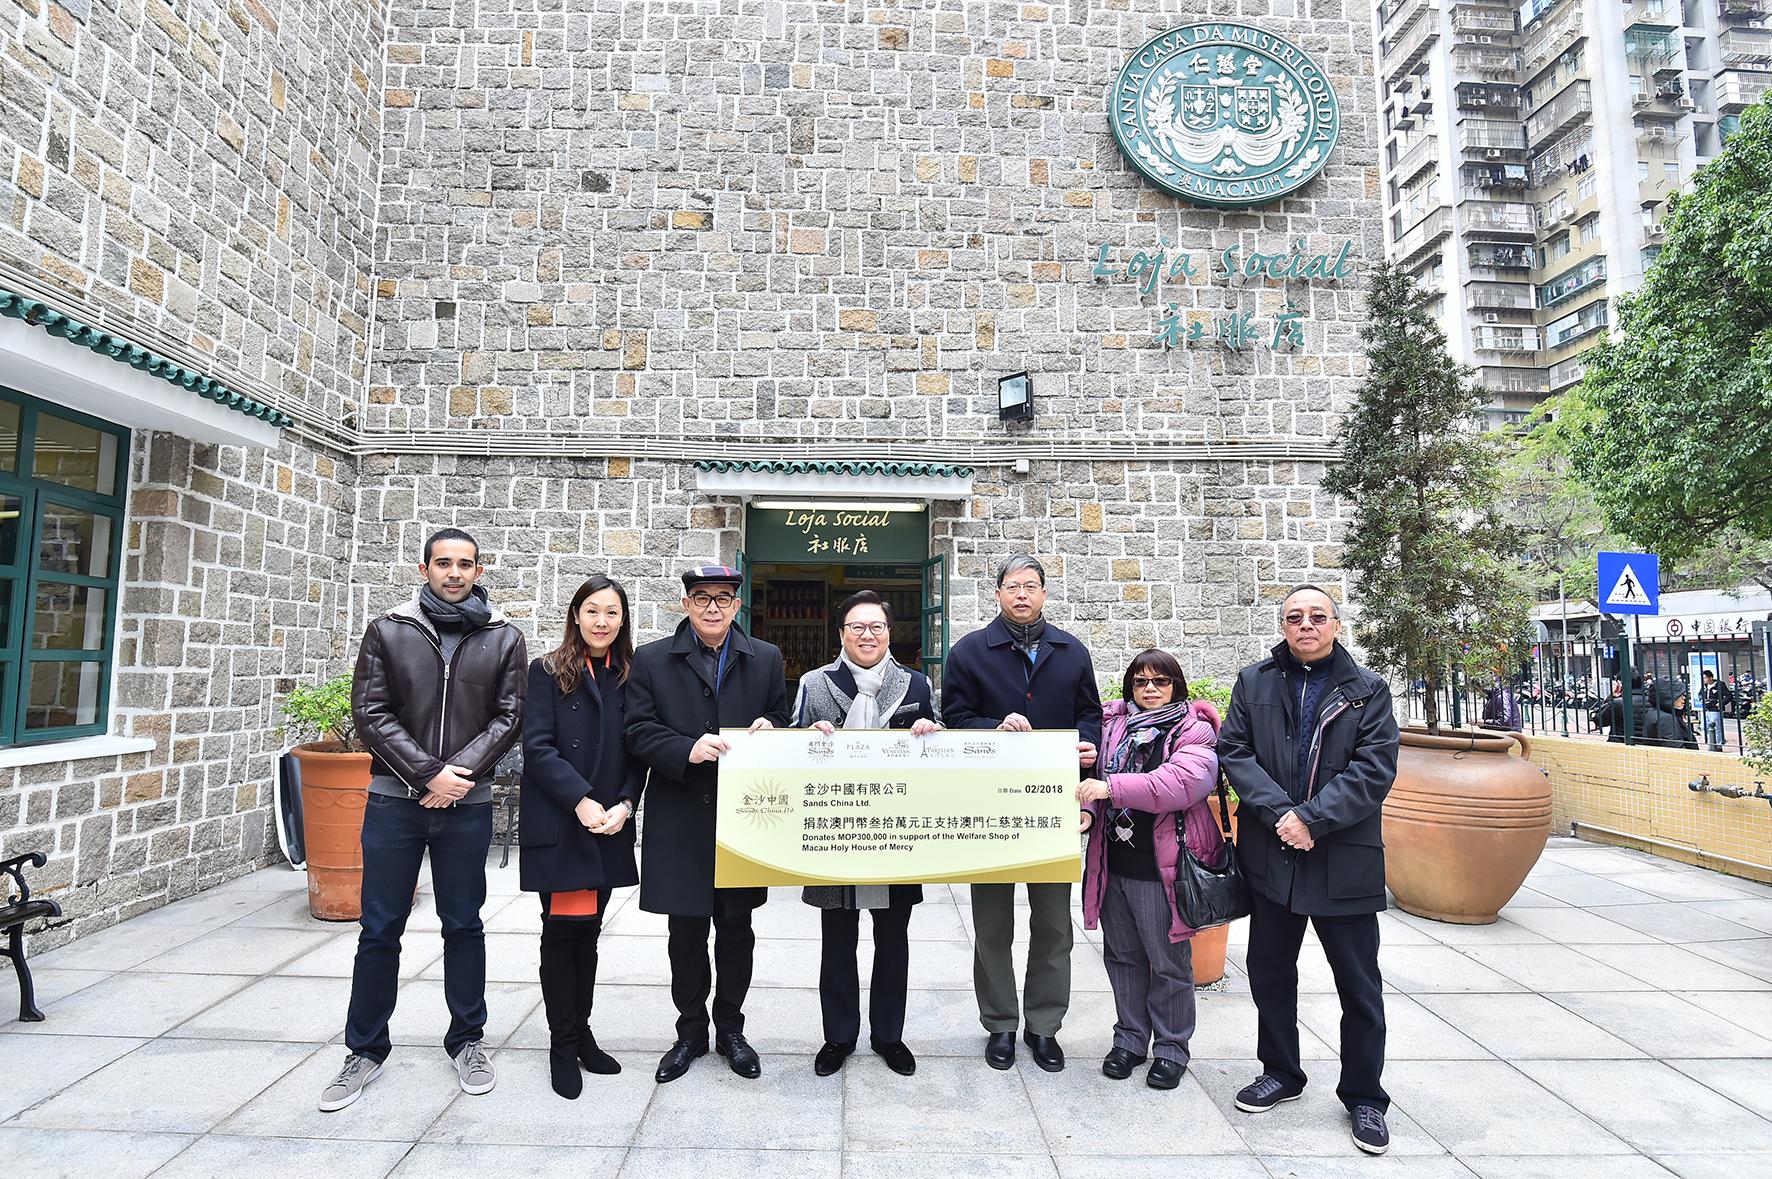 SCMM   Sands China volta a financiar projecto de loja social